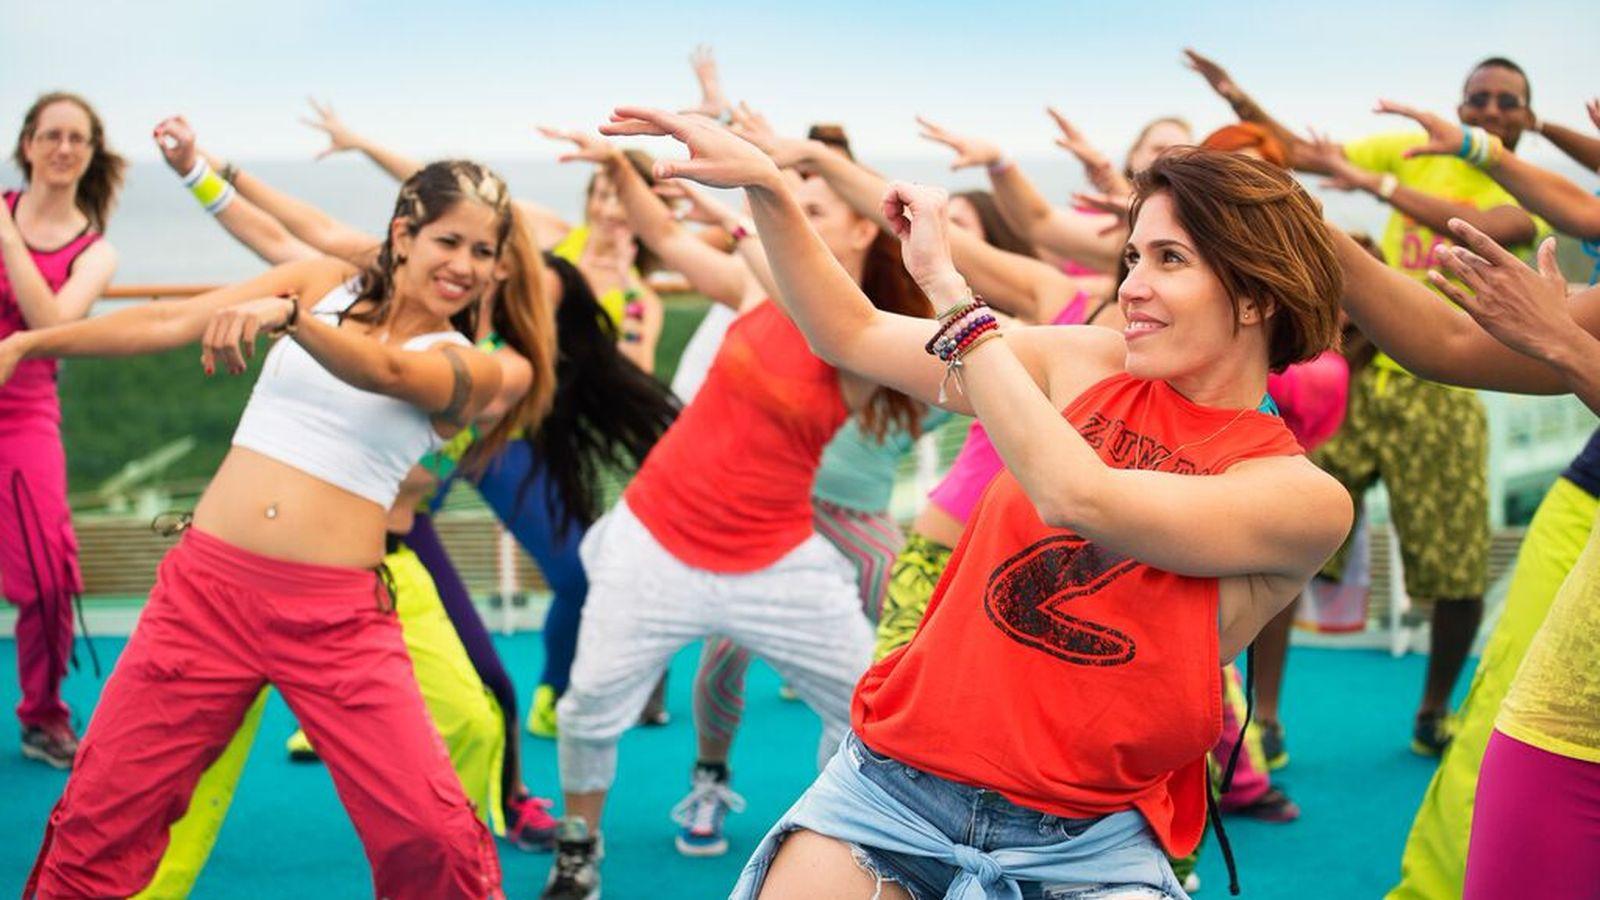 Alegria - centar za ples i rekreaciju